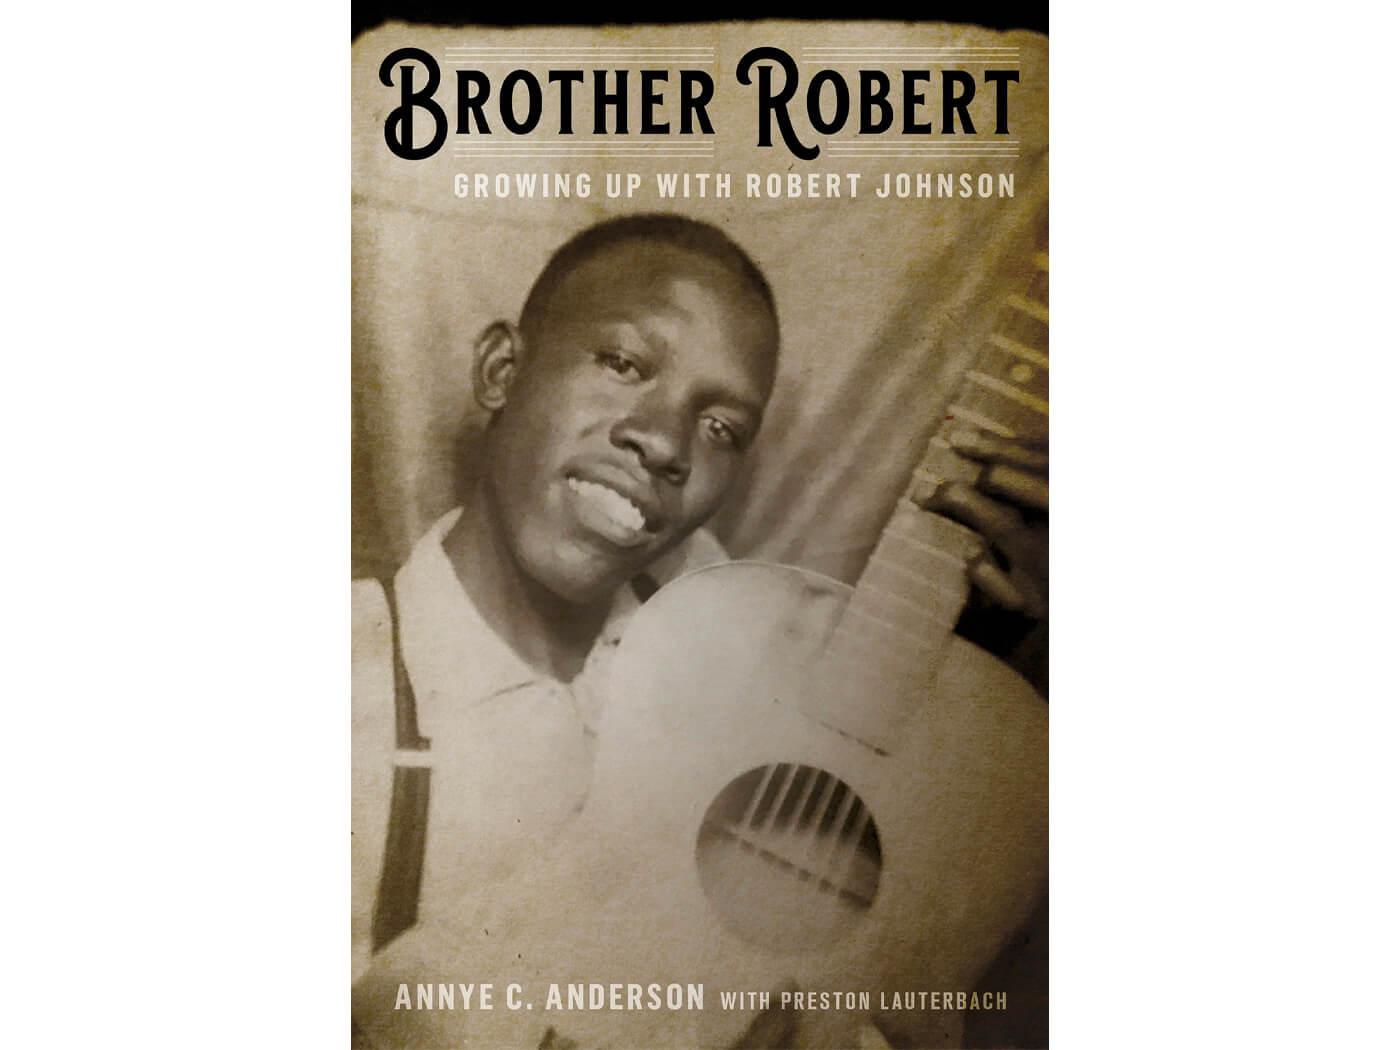 Robert Johnson on Brother Robert